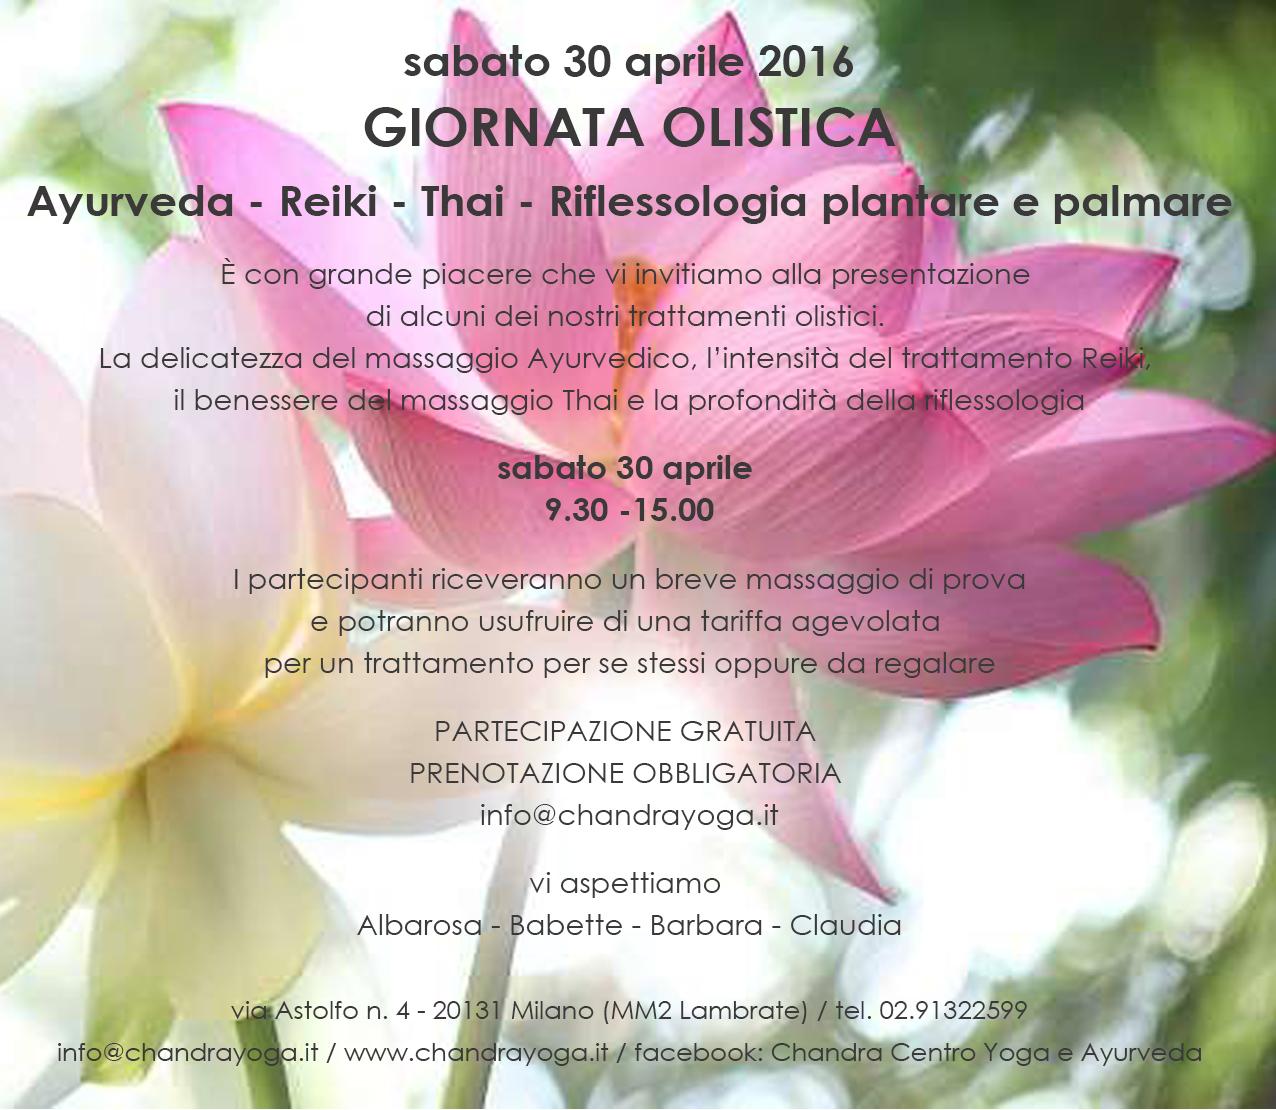 30 aprile 2016 – GIORNATA OLISTICA